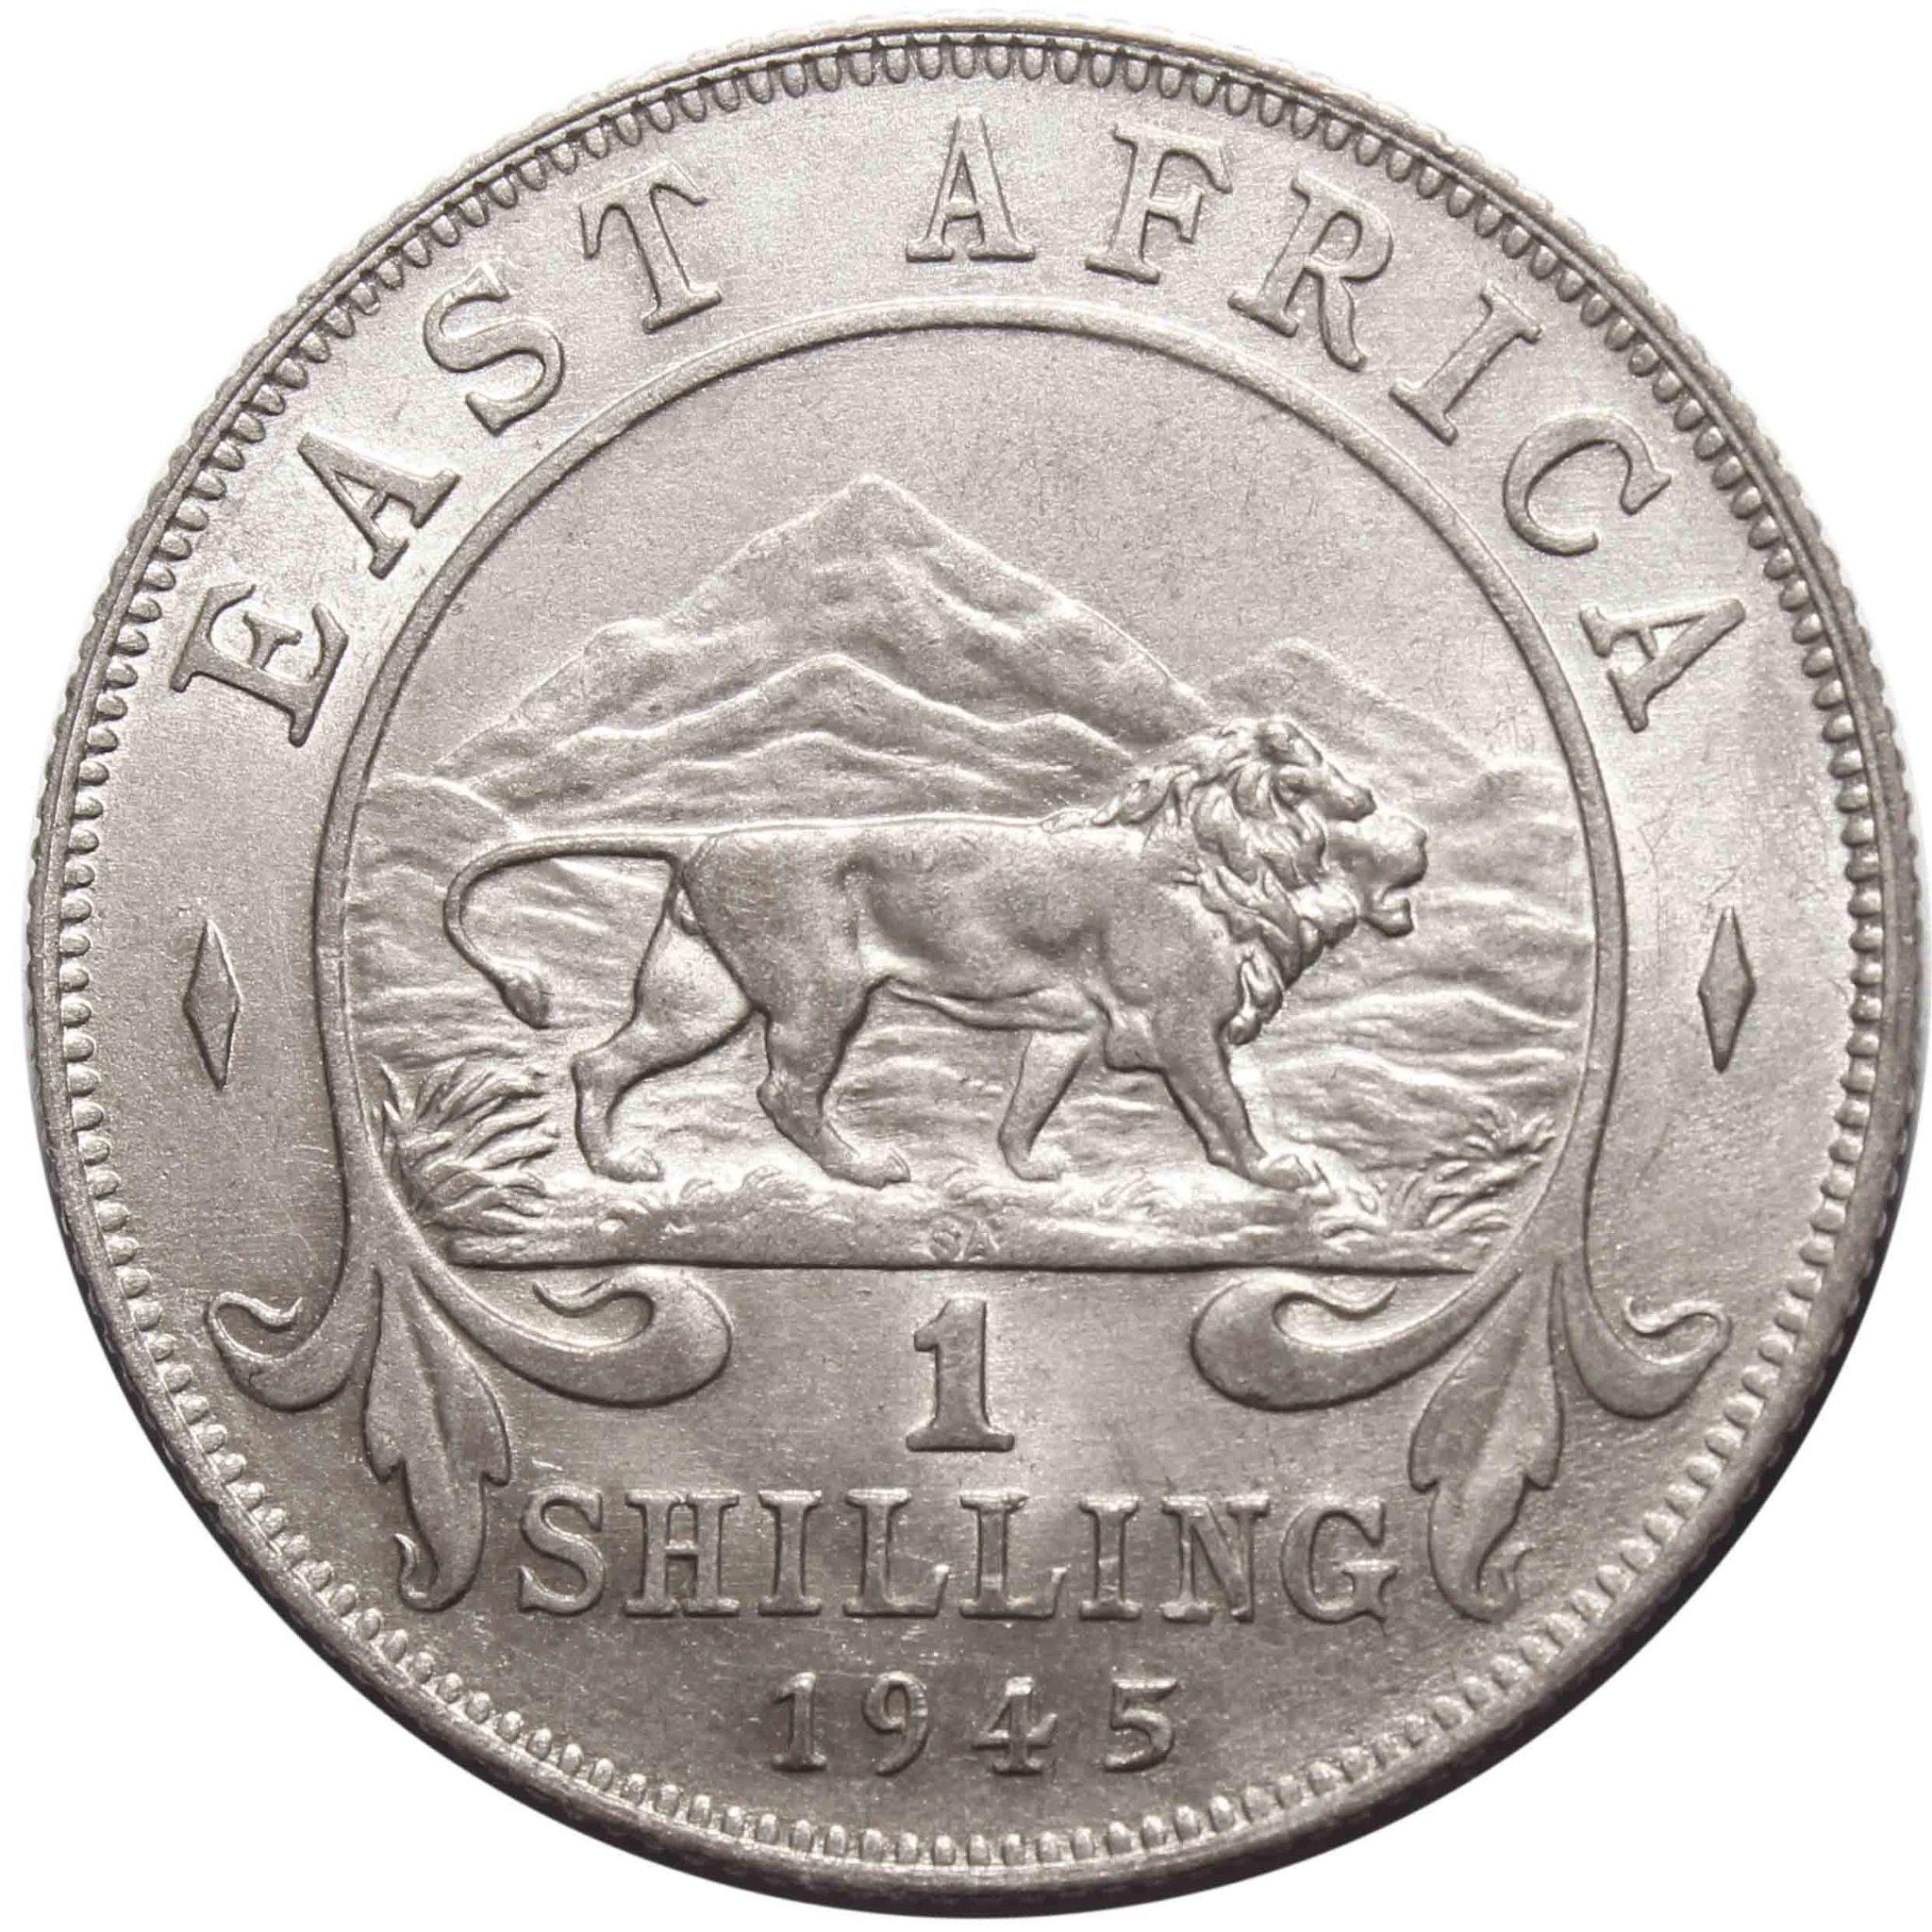 1 шиллинг. Британская Восточная Африка. Серебро. 1945 год. XF